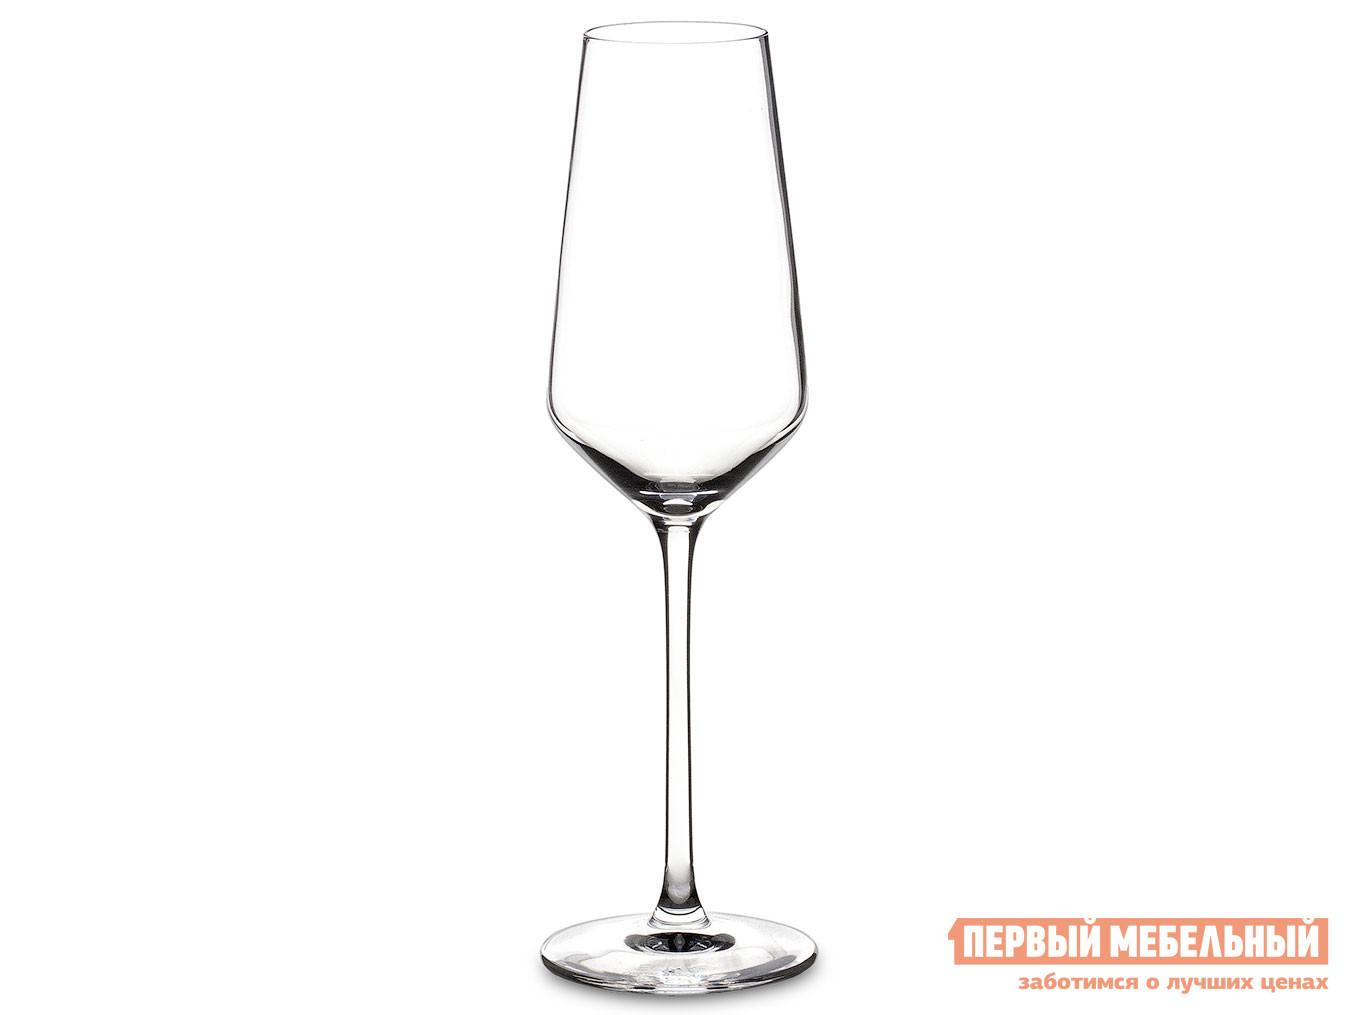 Набор бокалов Первый Мебельный Набор фужеров (бокалов) для шампанского УЛЬТИМ 6шт 210мл недорого